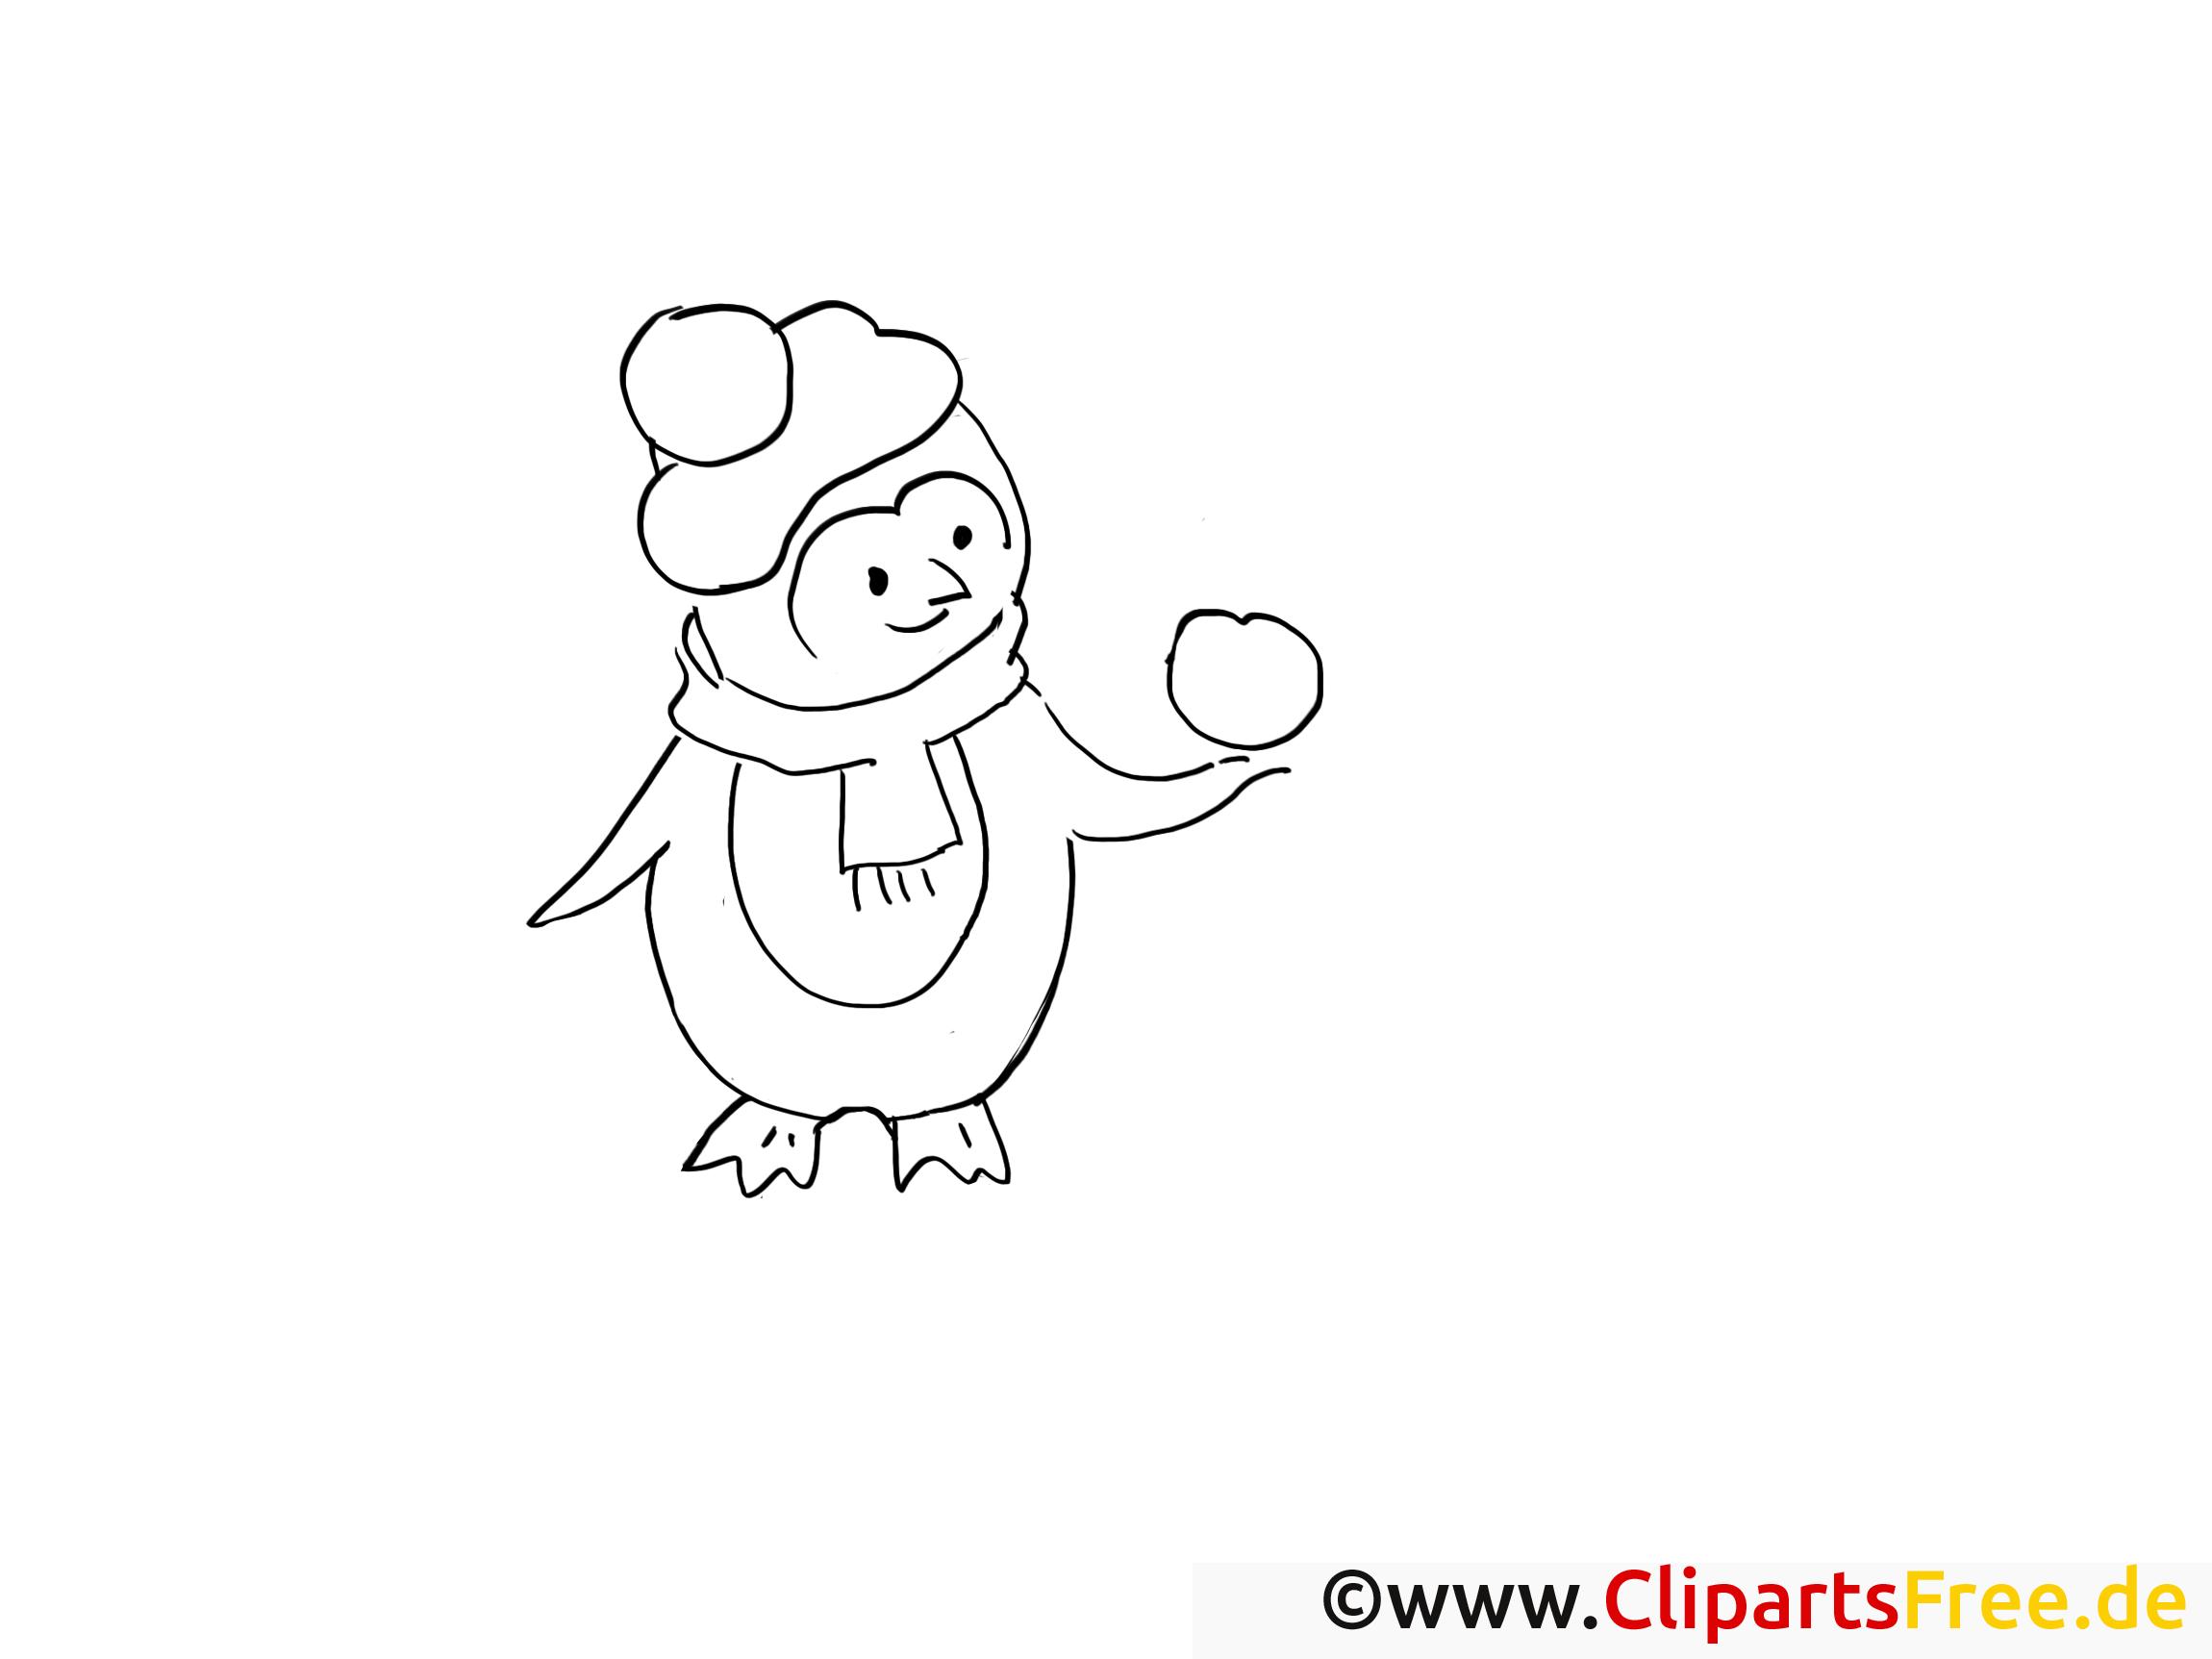 Frais Image A Colorier De Pingouin